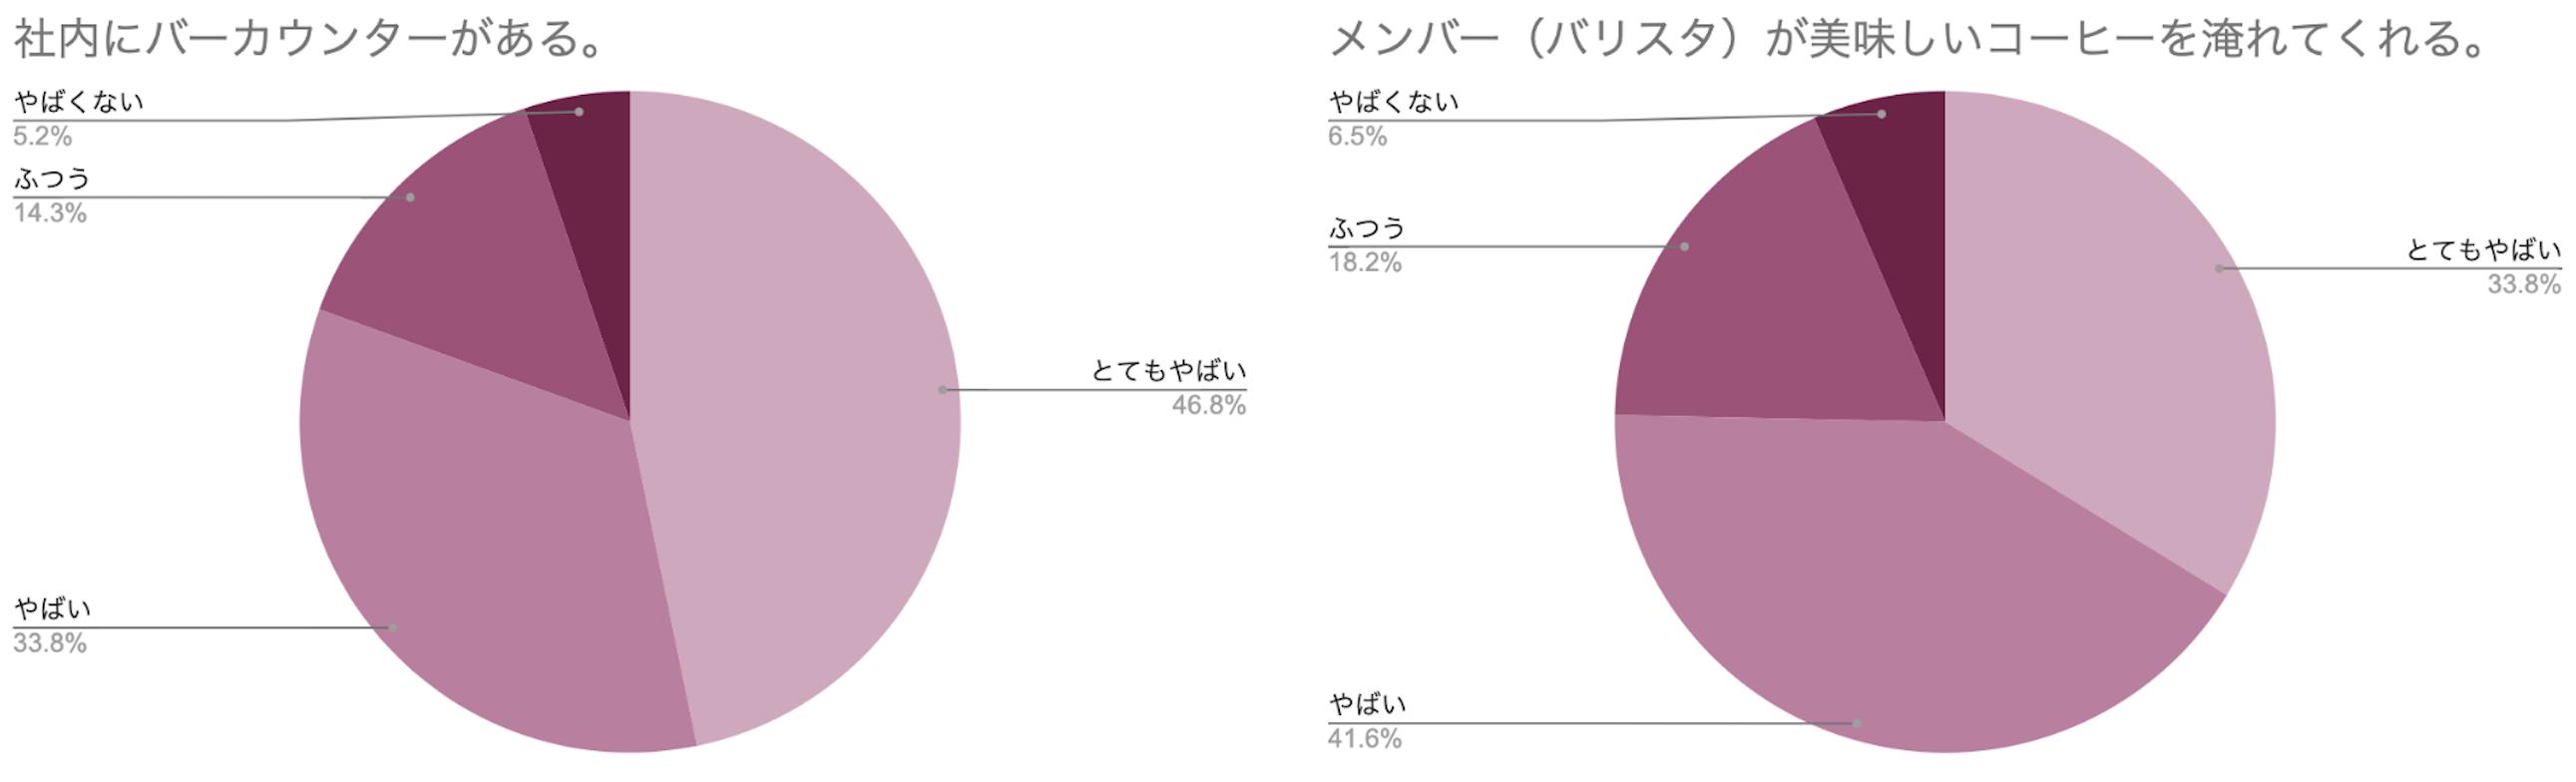 円グラフ 社内にバーカウンターがある メンバーが美味しいコーヒーを淹れてくれる